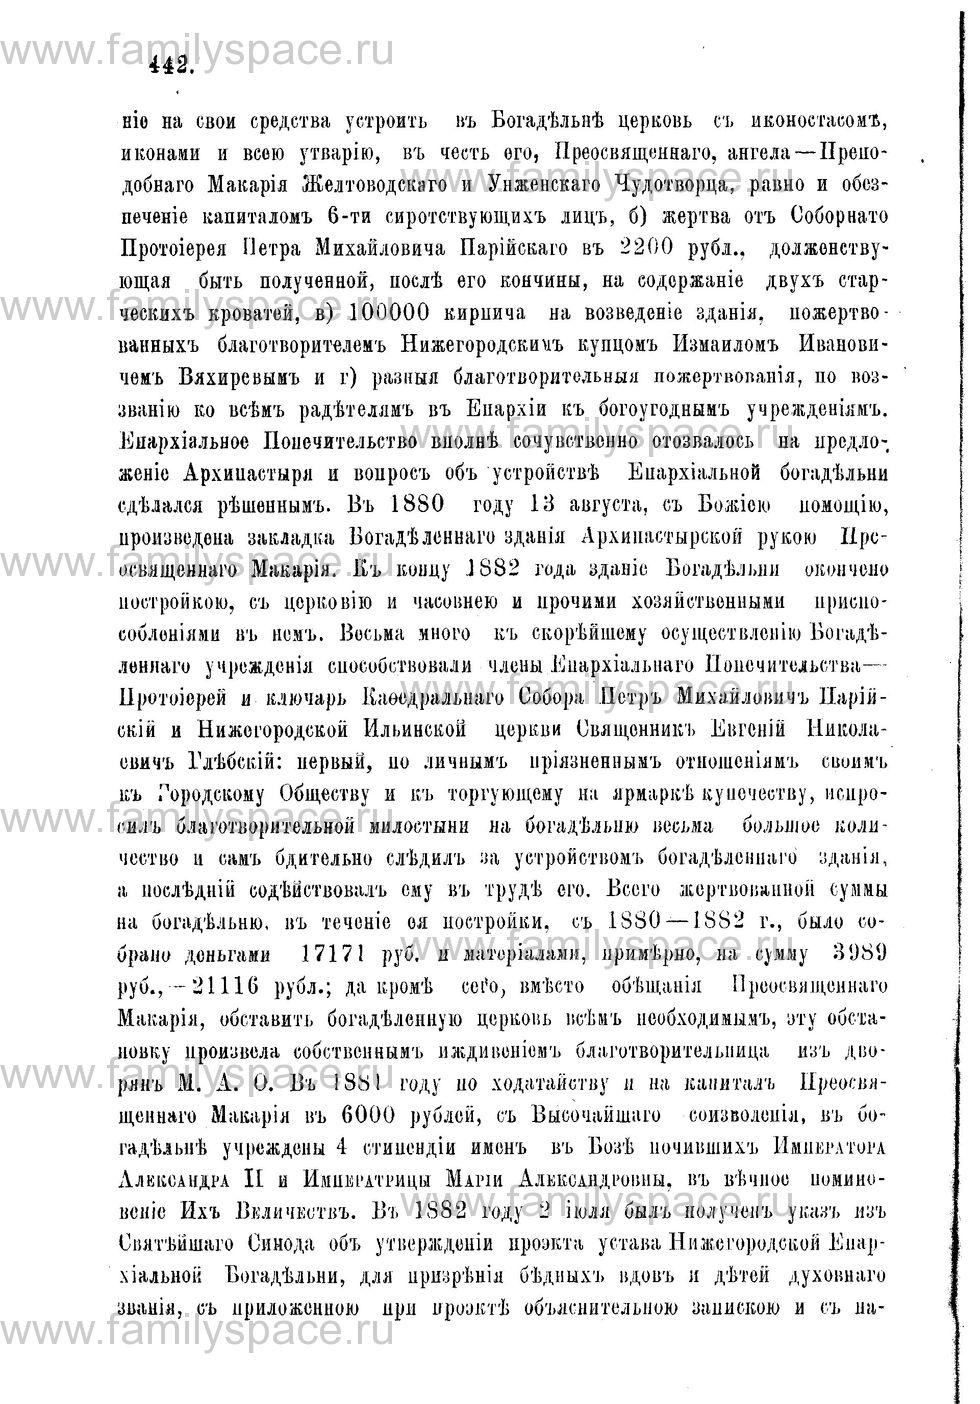 Поиск по фамилии - Адрес-календарь Нижегородской епархии на 1888 год, страница 1442